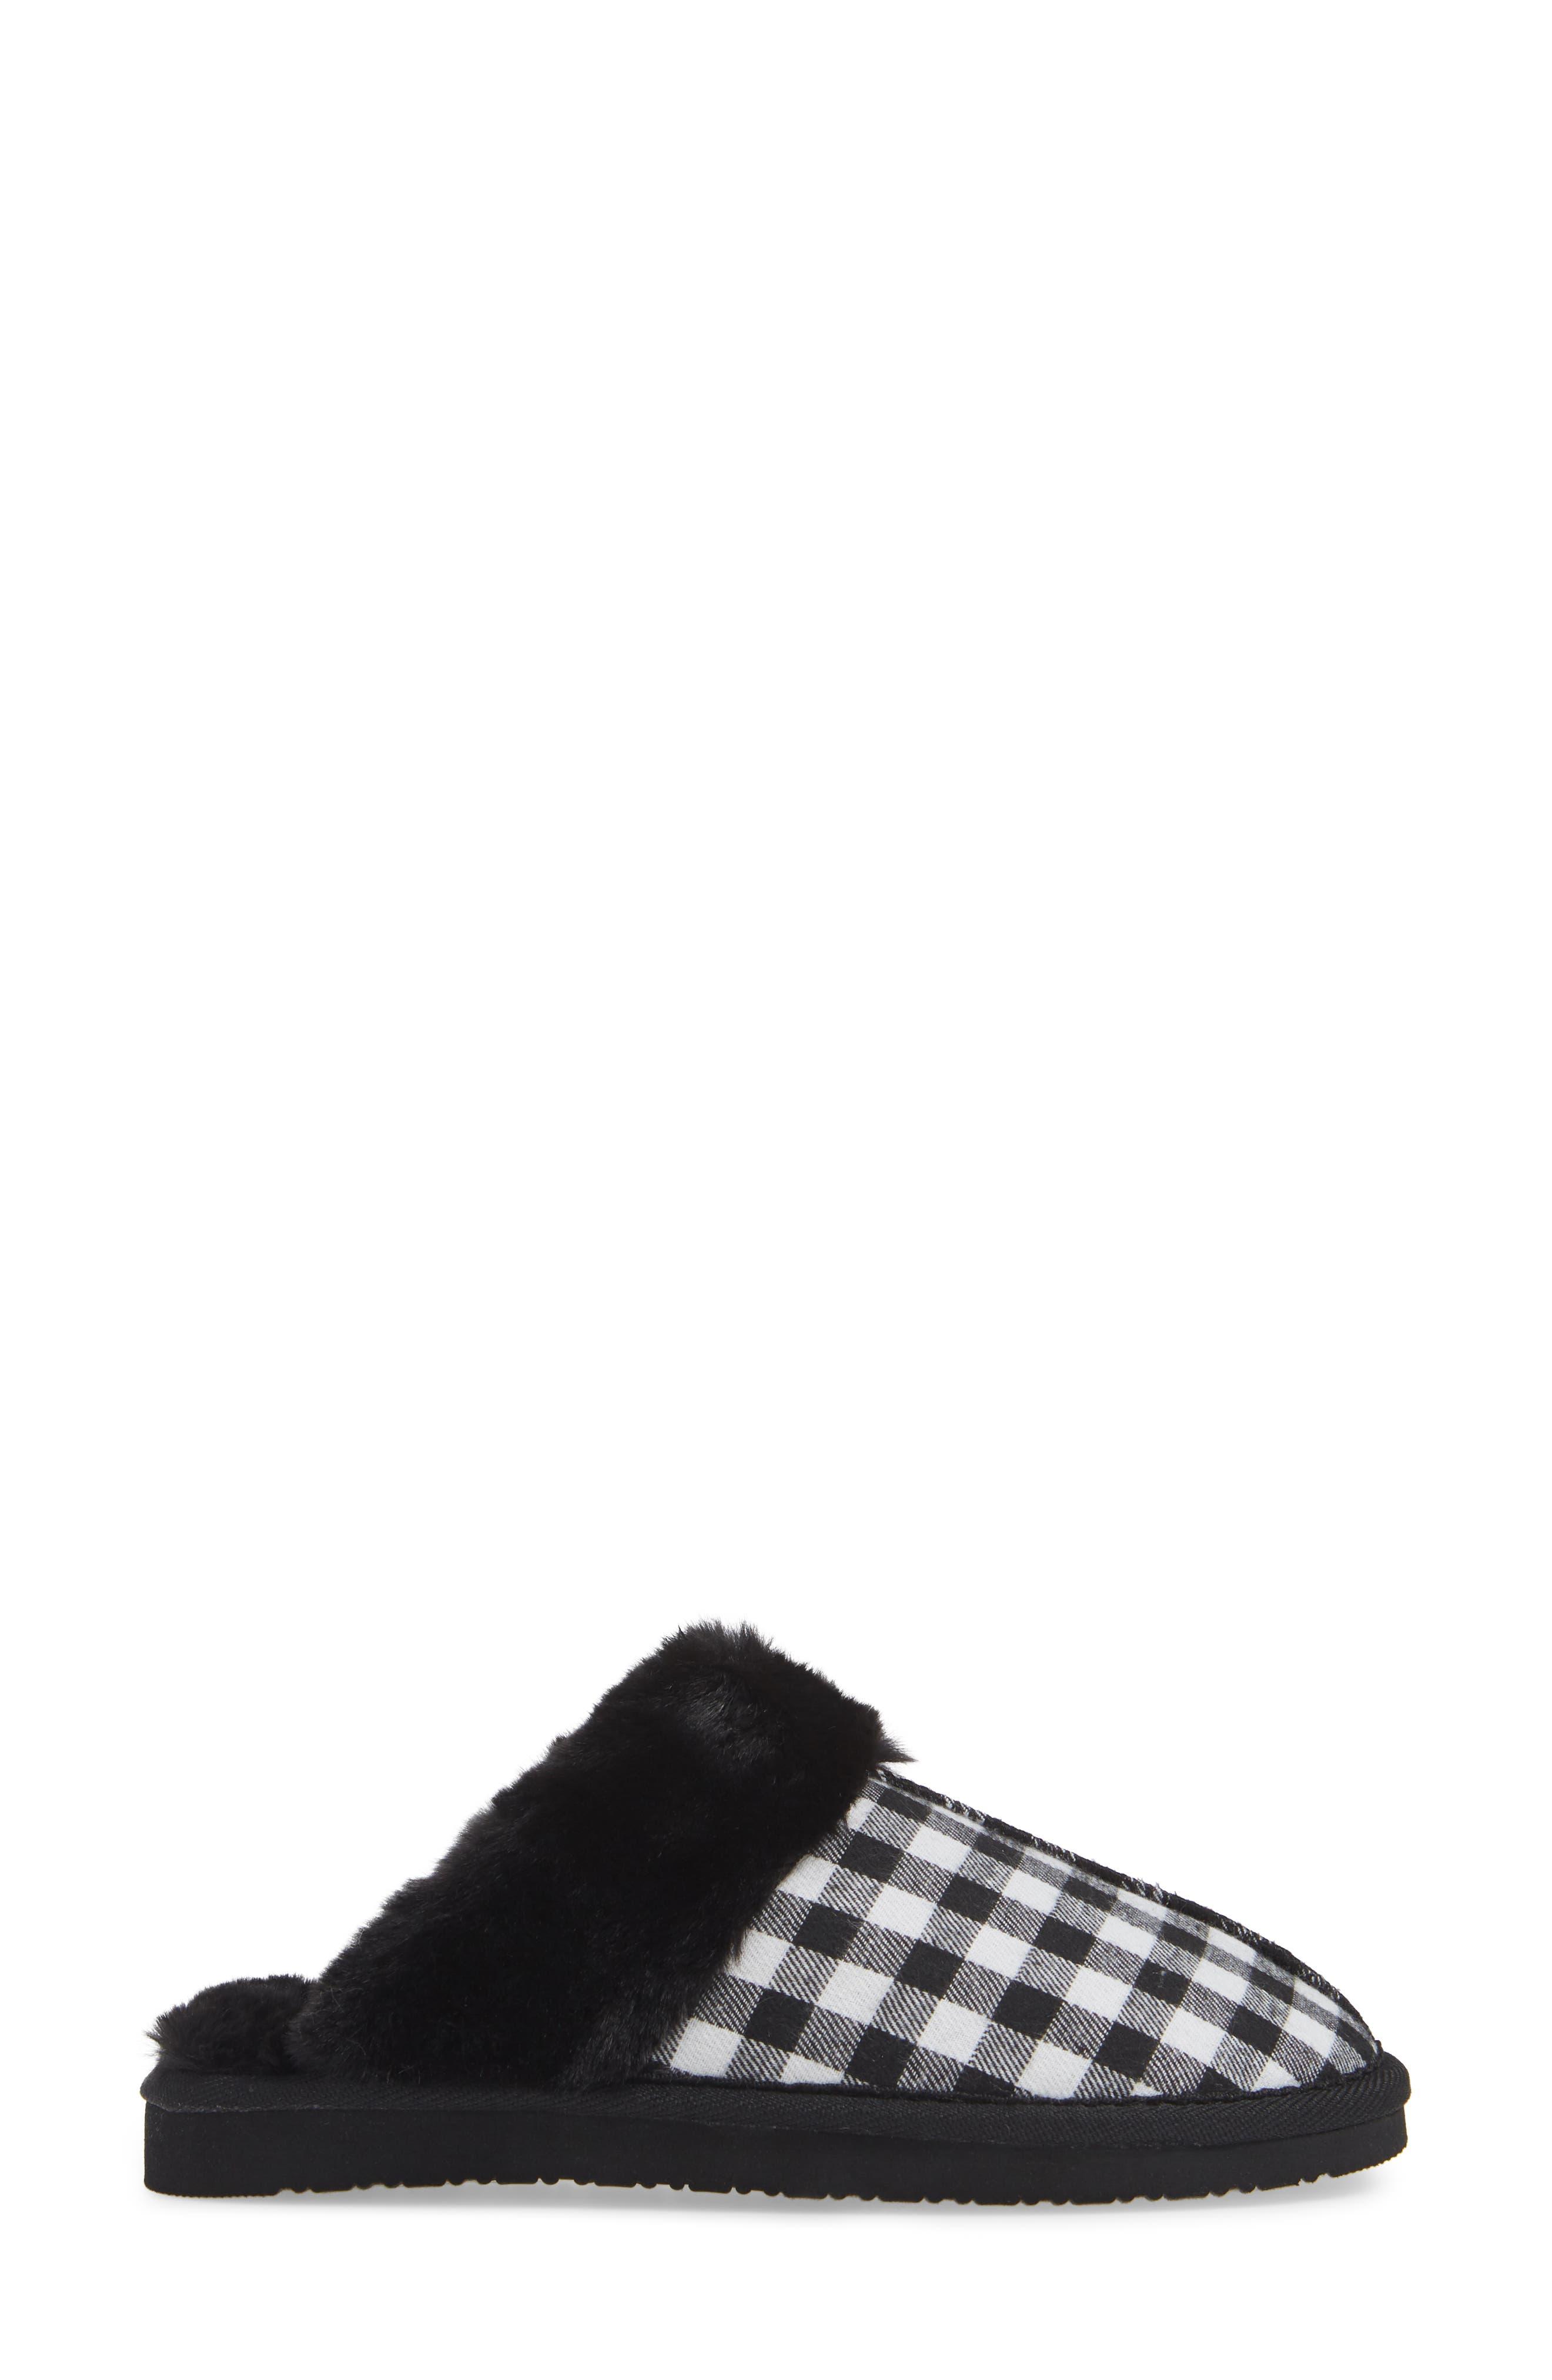 MINNETONKA, Mule Slipper, Alternate thumbnail 3, color, BLACK/ WHITE PLAID FABRIC